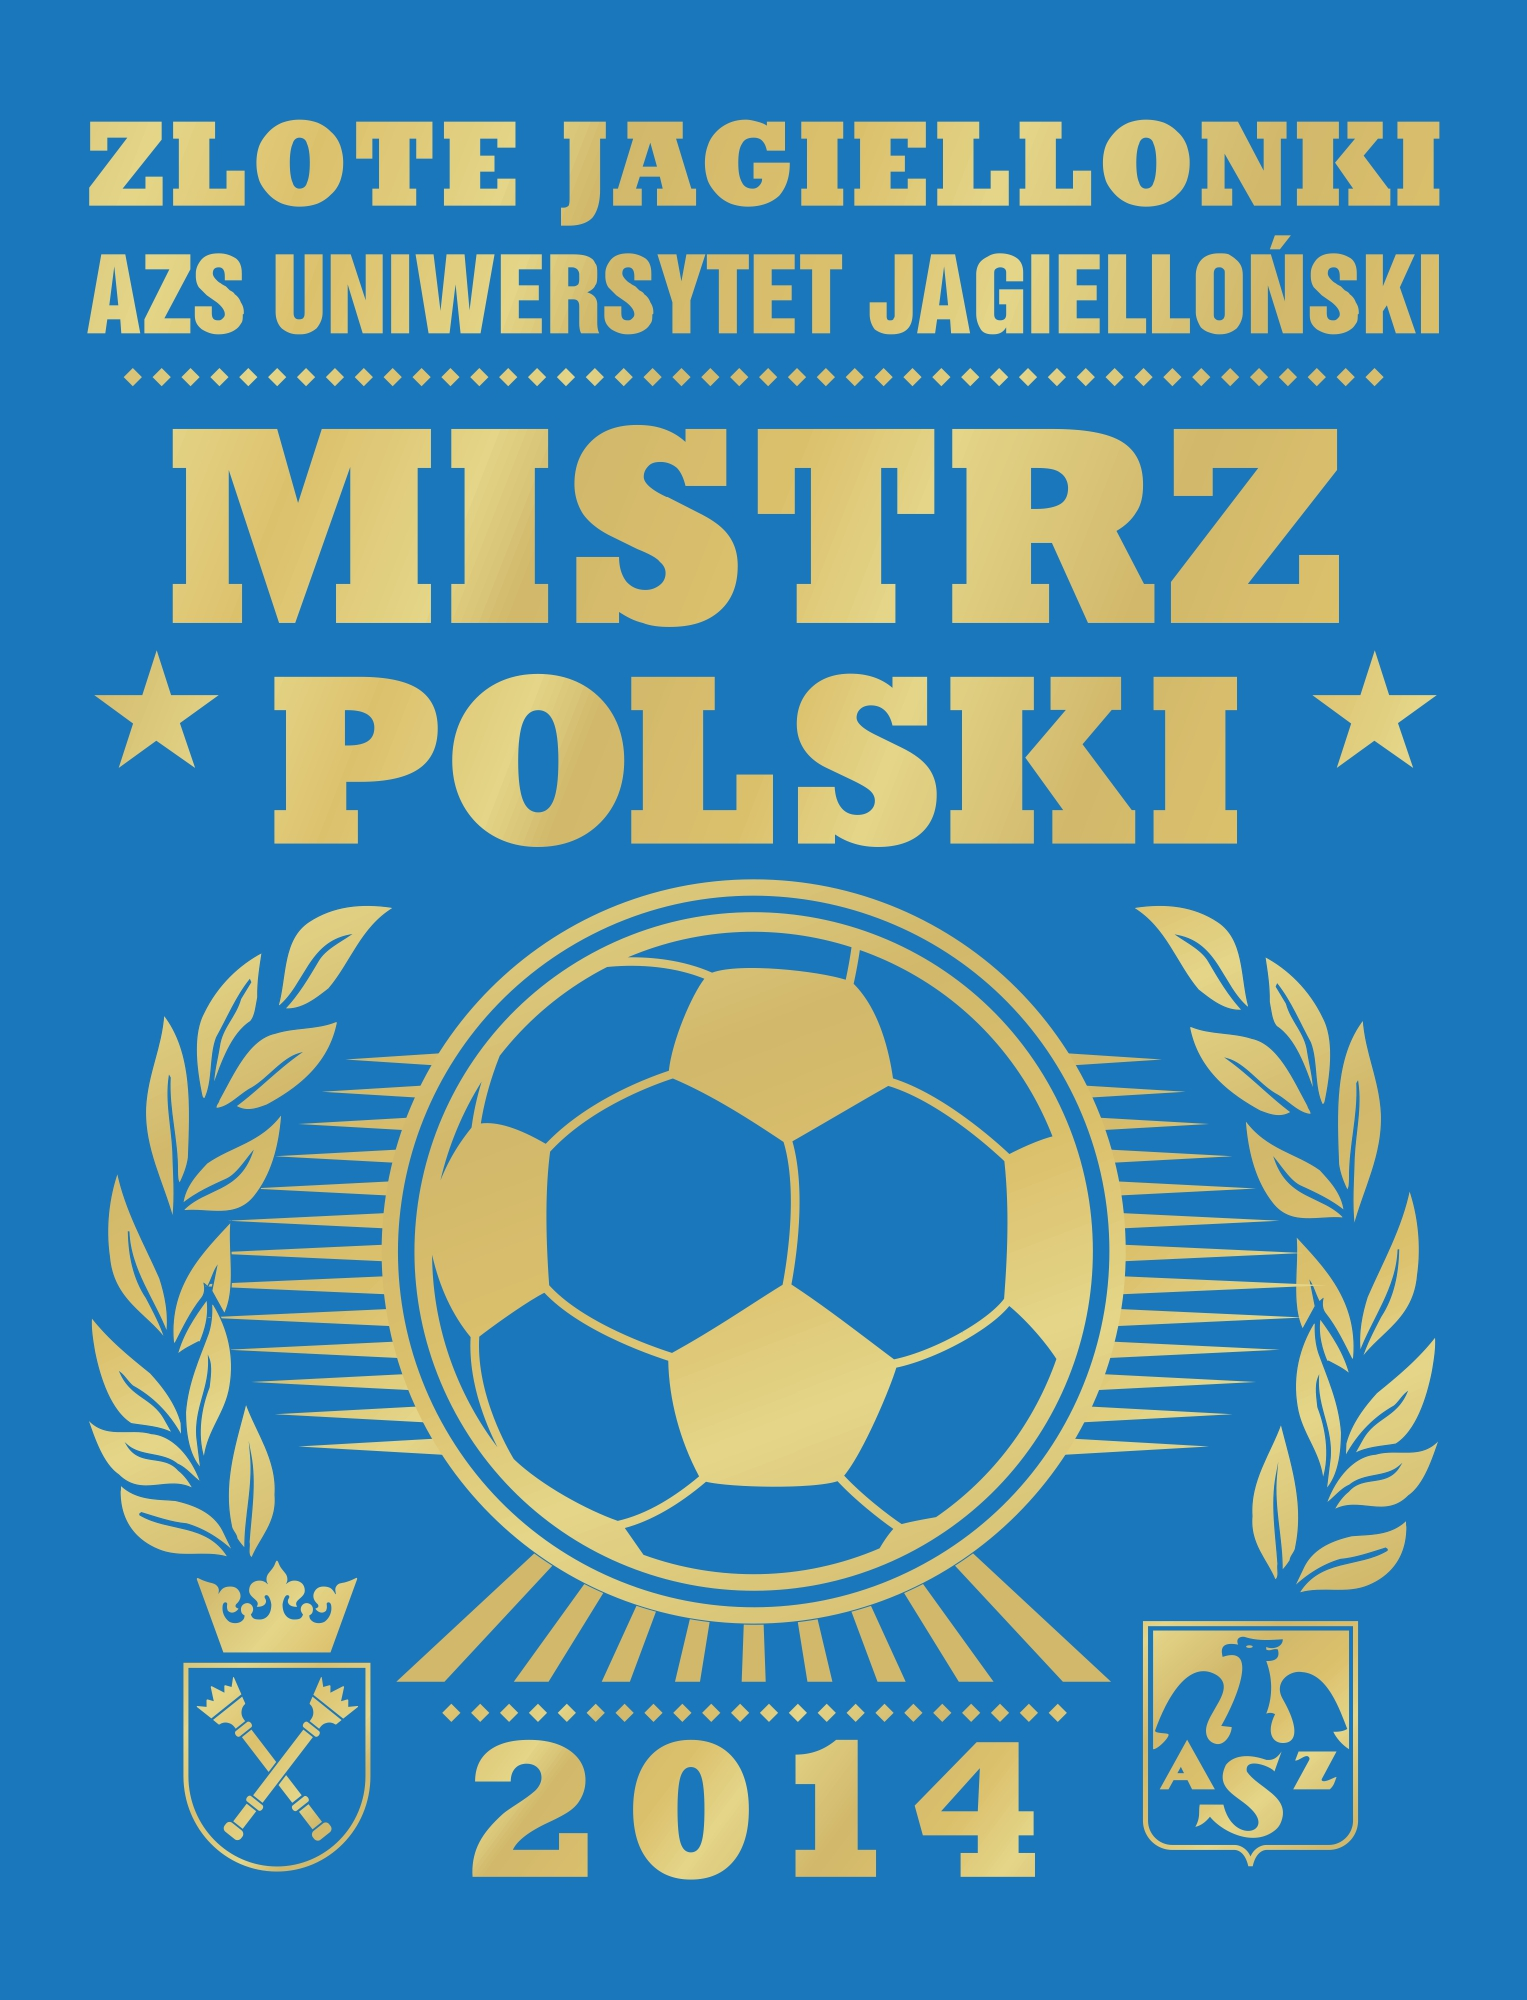 Złote Jagiellonki AZS UJ, Mistrz Polski w futsalu 2014 - okolicznościowa grafika